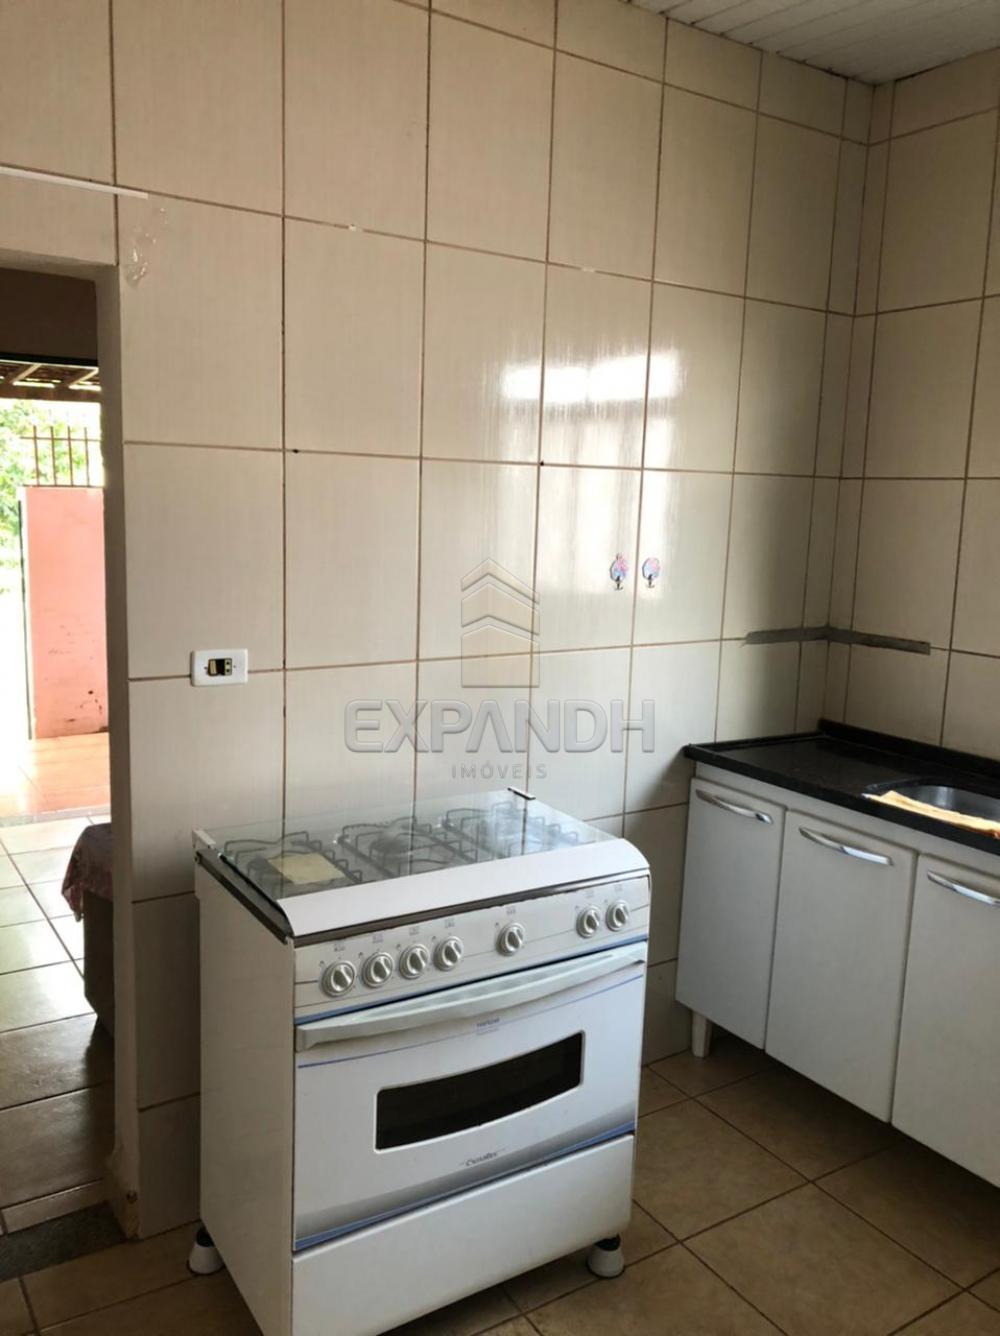 Alugar Casas / Padrão em Sertãozinho R$ 800,00 - Foto 15